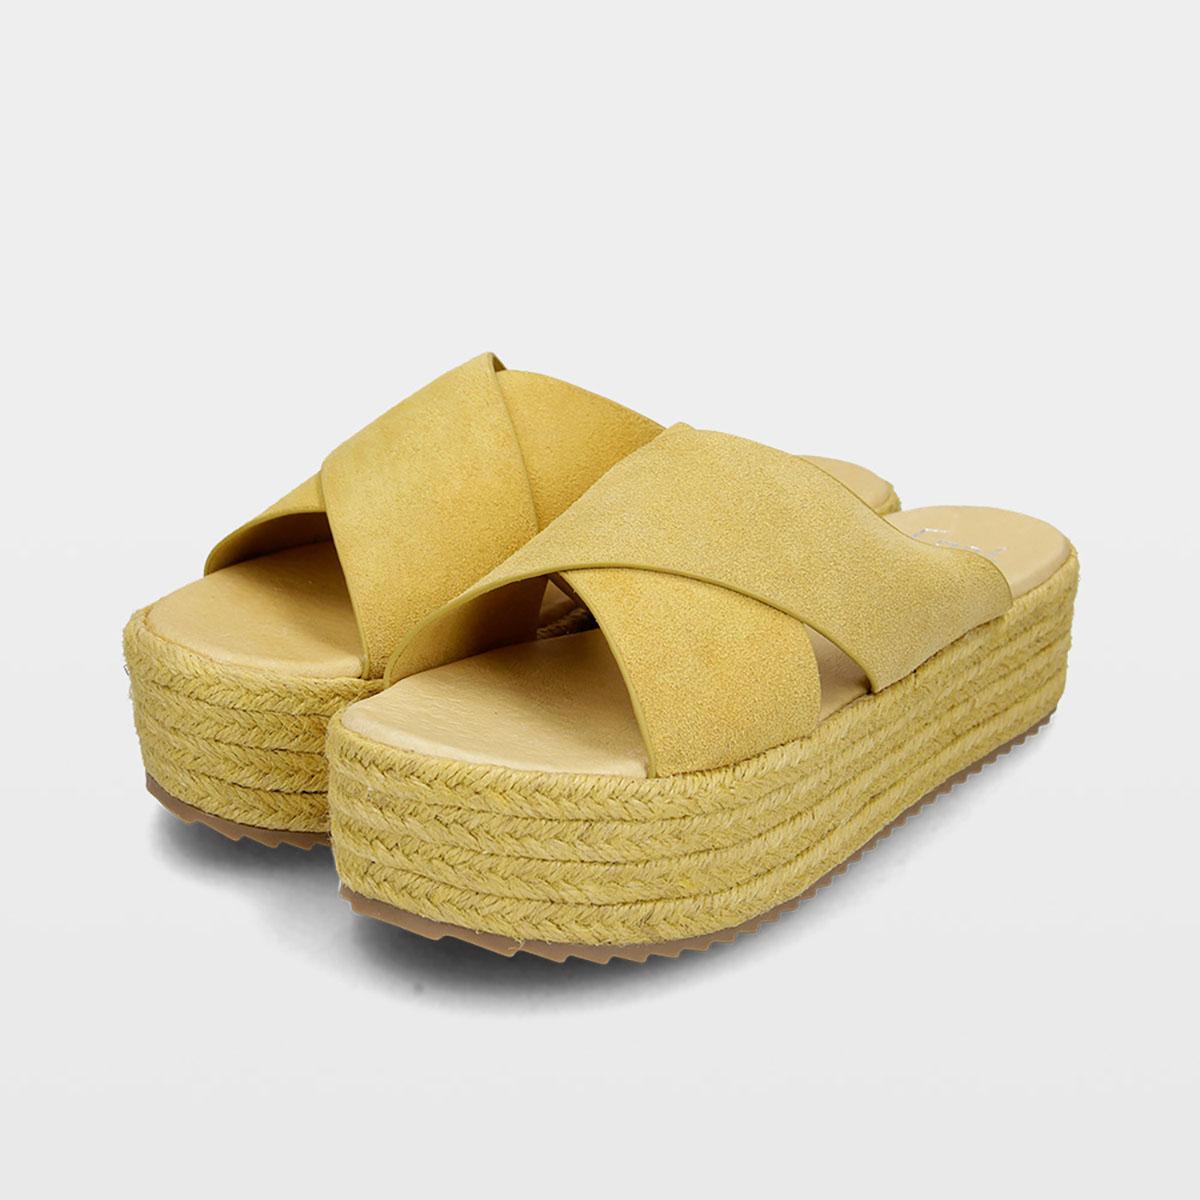 diseño atemporal 18d6f 3a104 Alpargatas y sandalias de yute, los zapatos de primavera ...